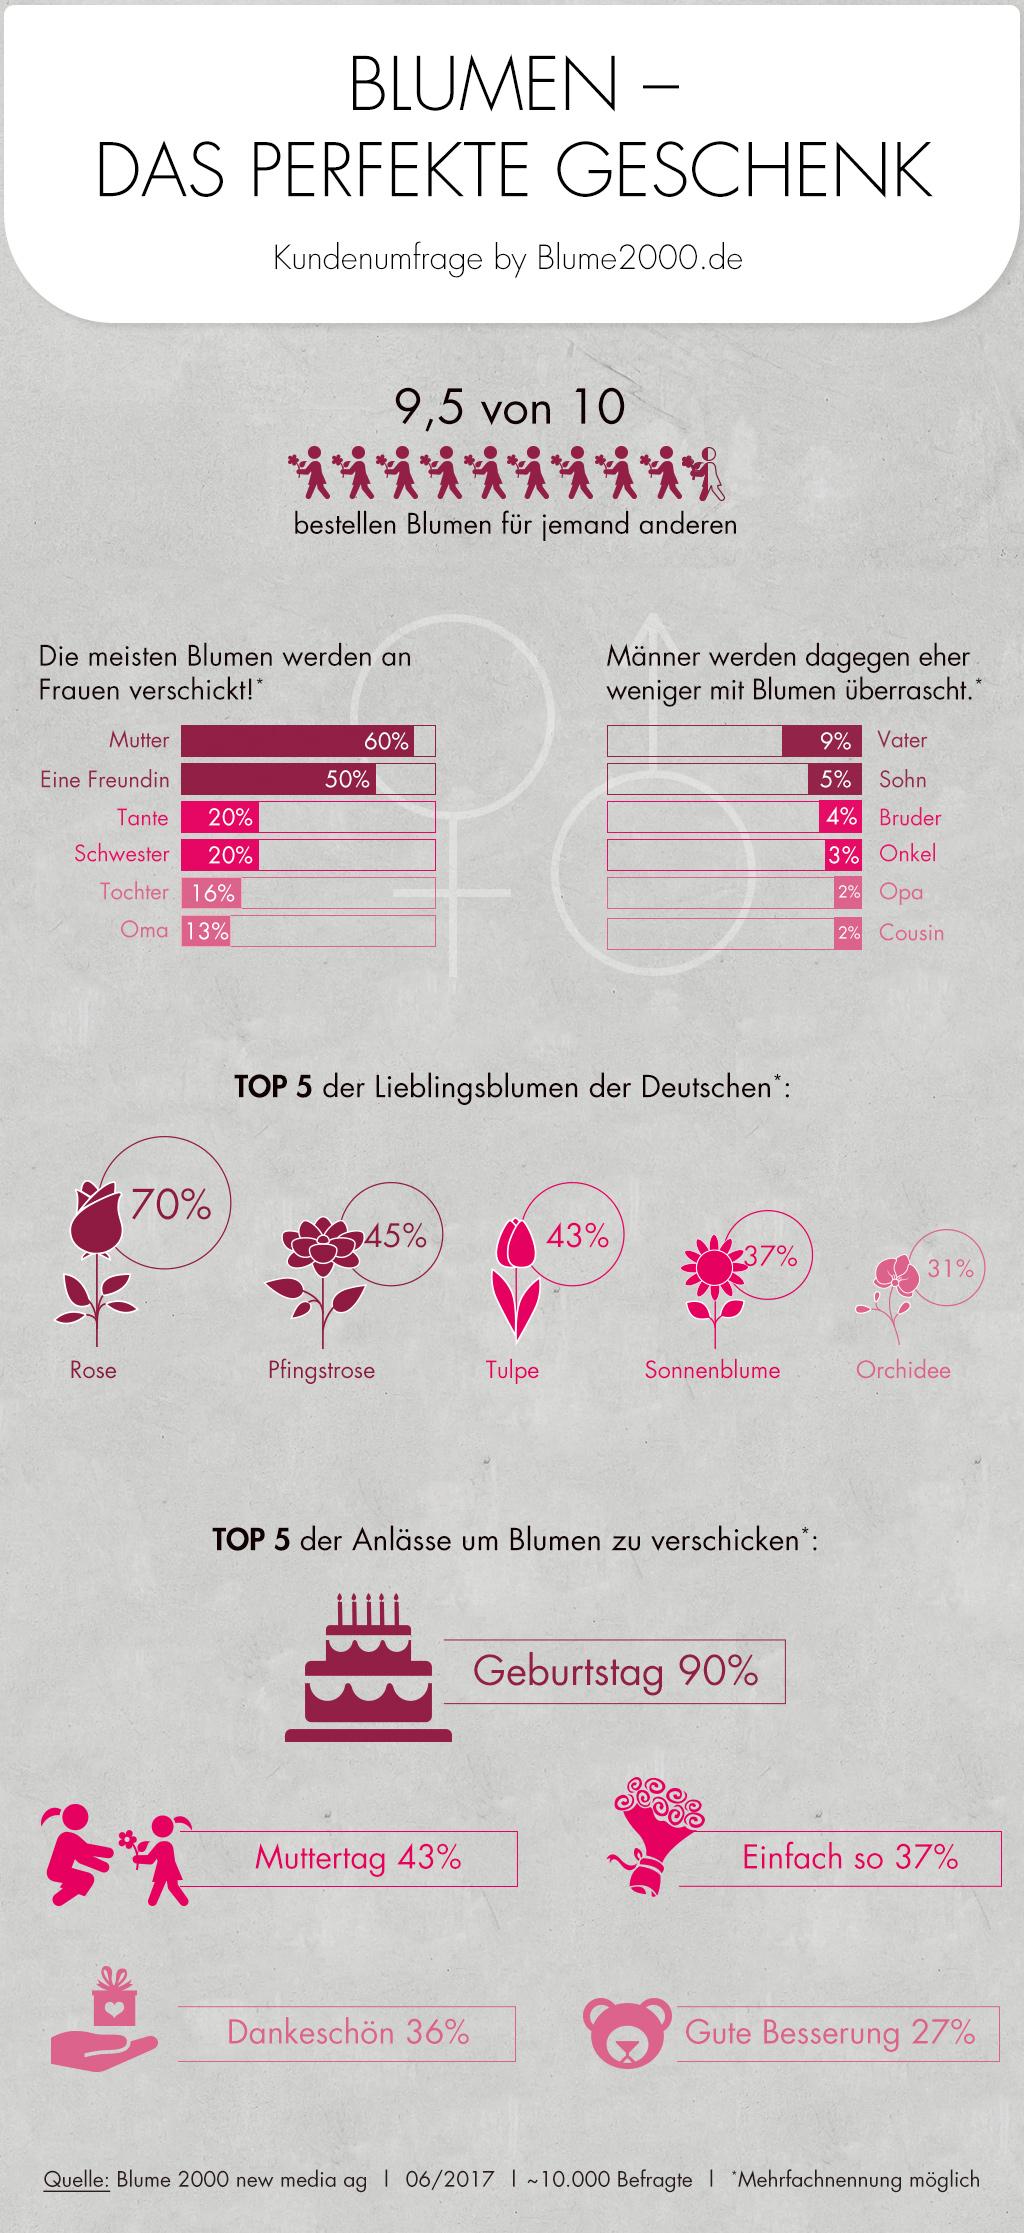 Infografik: An diese Personen und zu diesen Anlässen werden in Deutschland Blumen verschickt